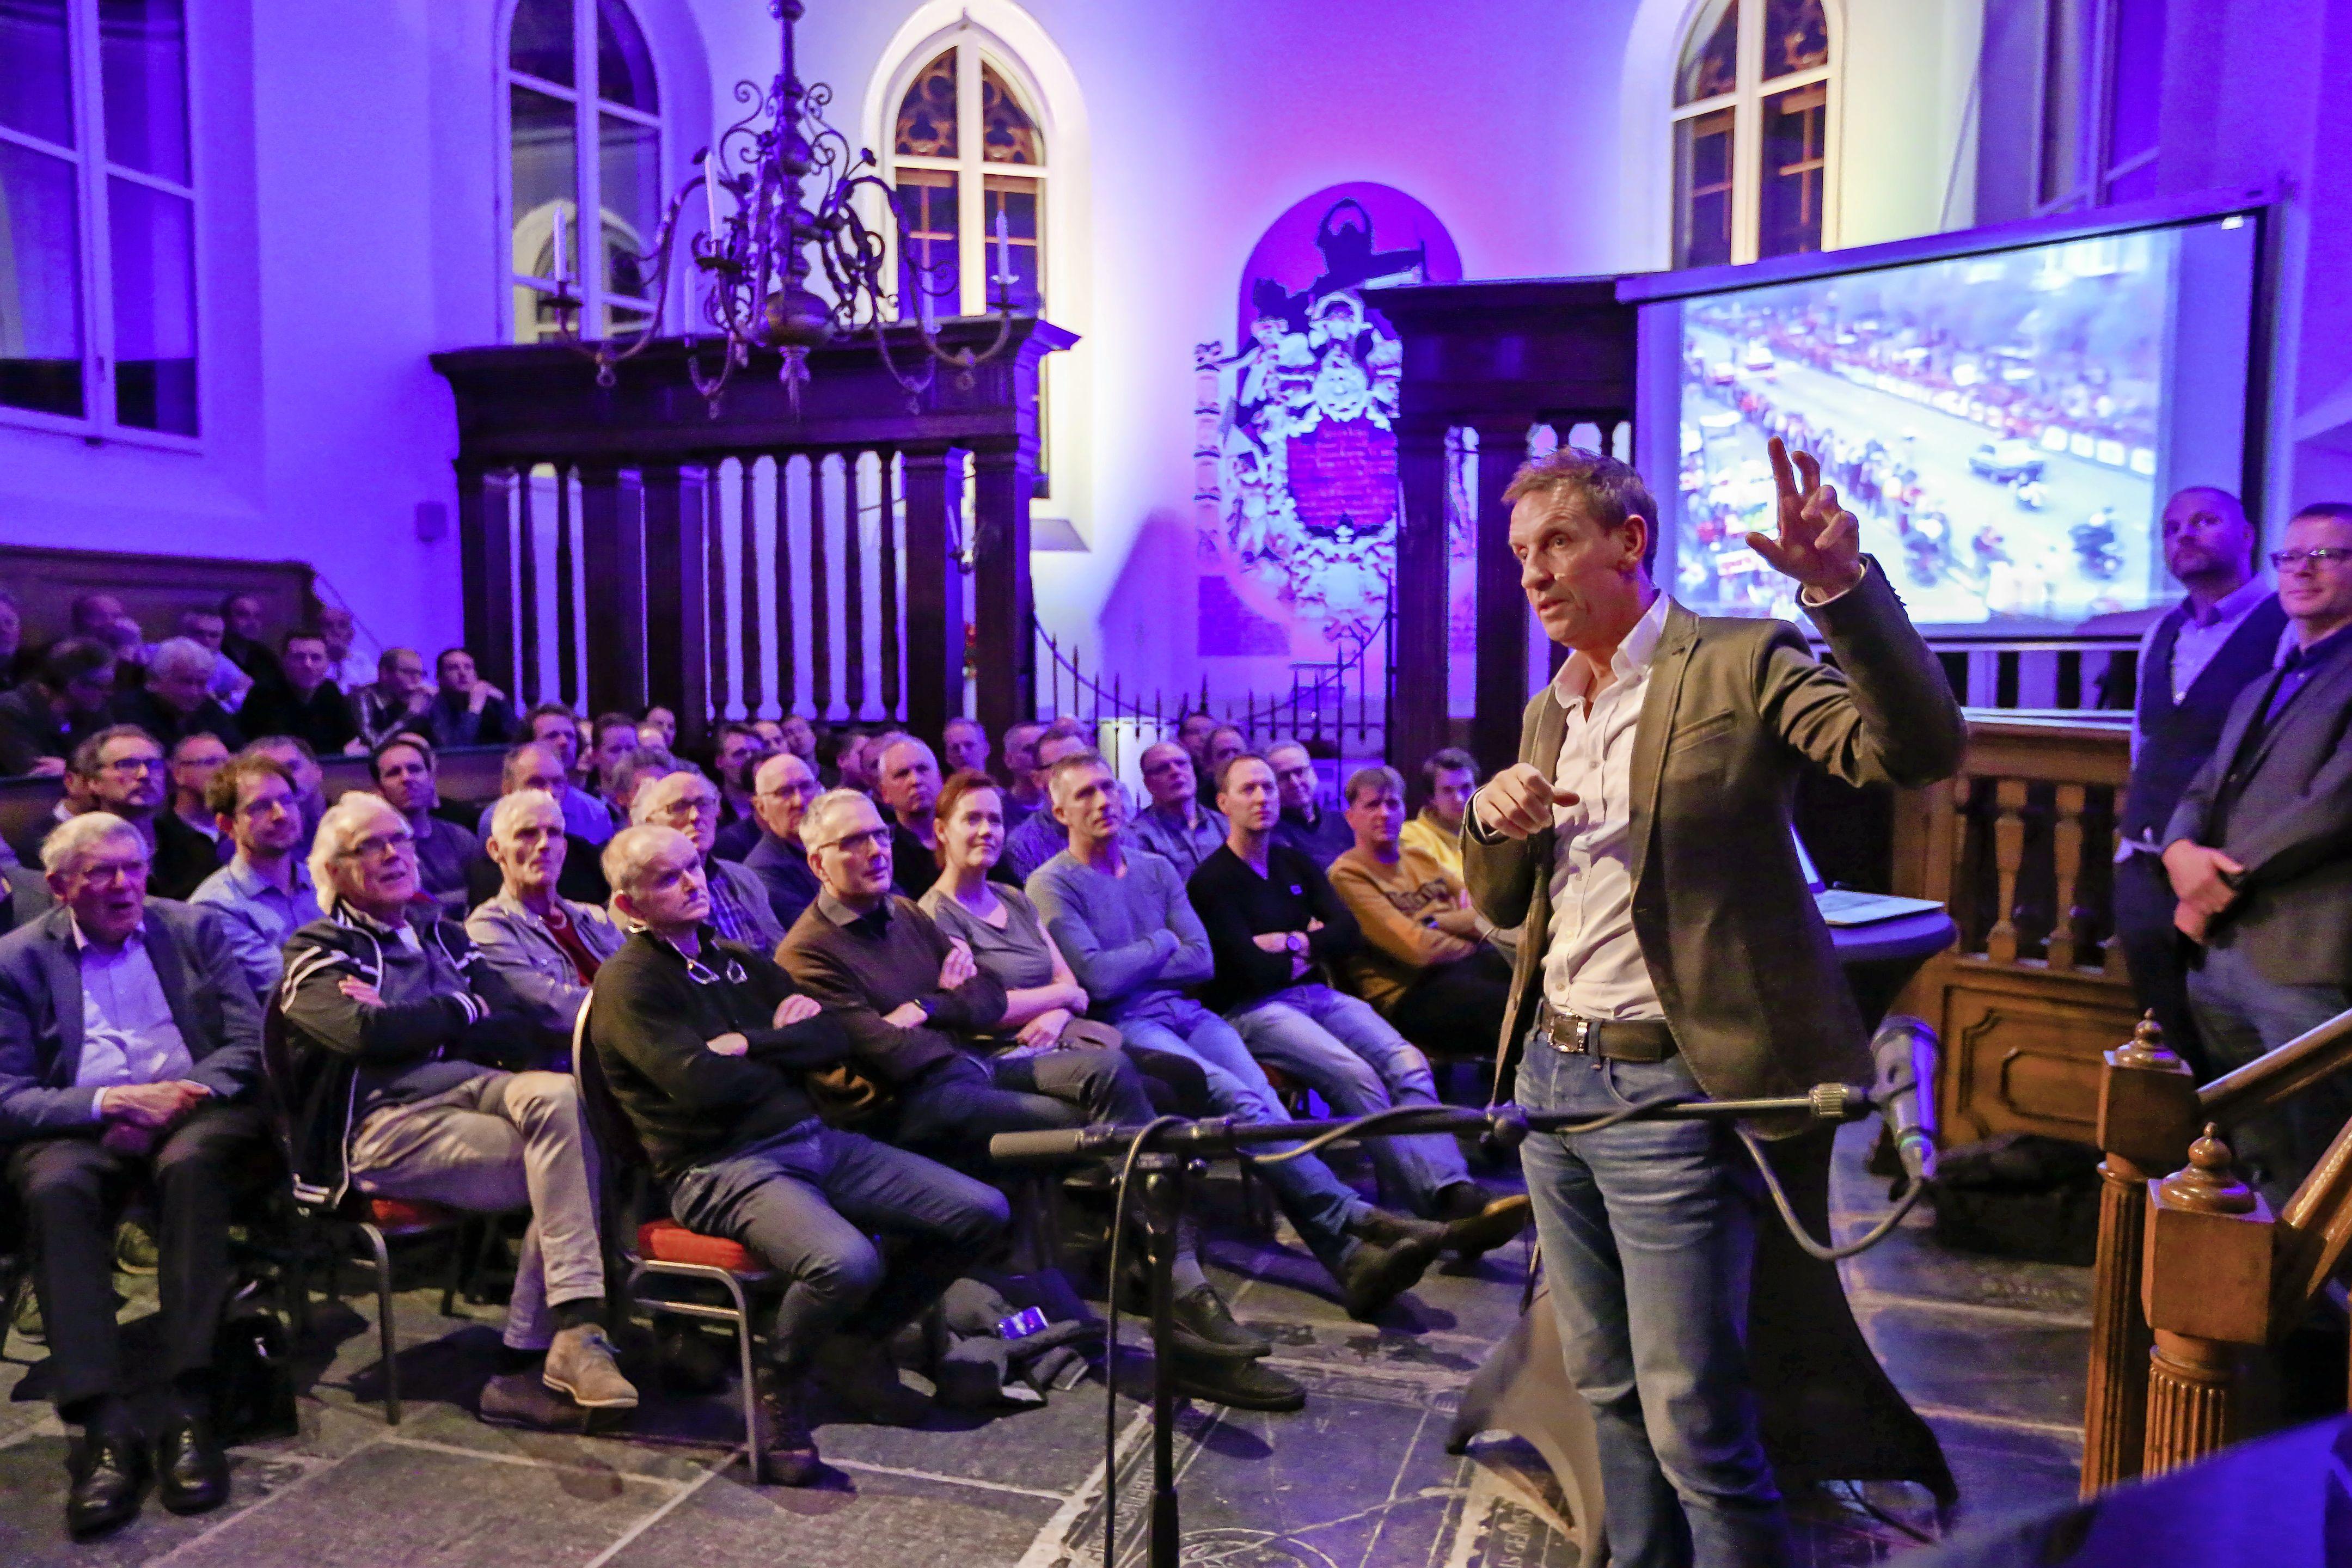 Steven Rooks keert met zijn 'Classic' vanuit de Limburgse heuvels terug naar de vlakke Noord-Hollandse trainingsgrond van weleer. Met start/finish uiteraard bij het Bolletjescafé in Warmenhuizen